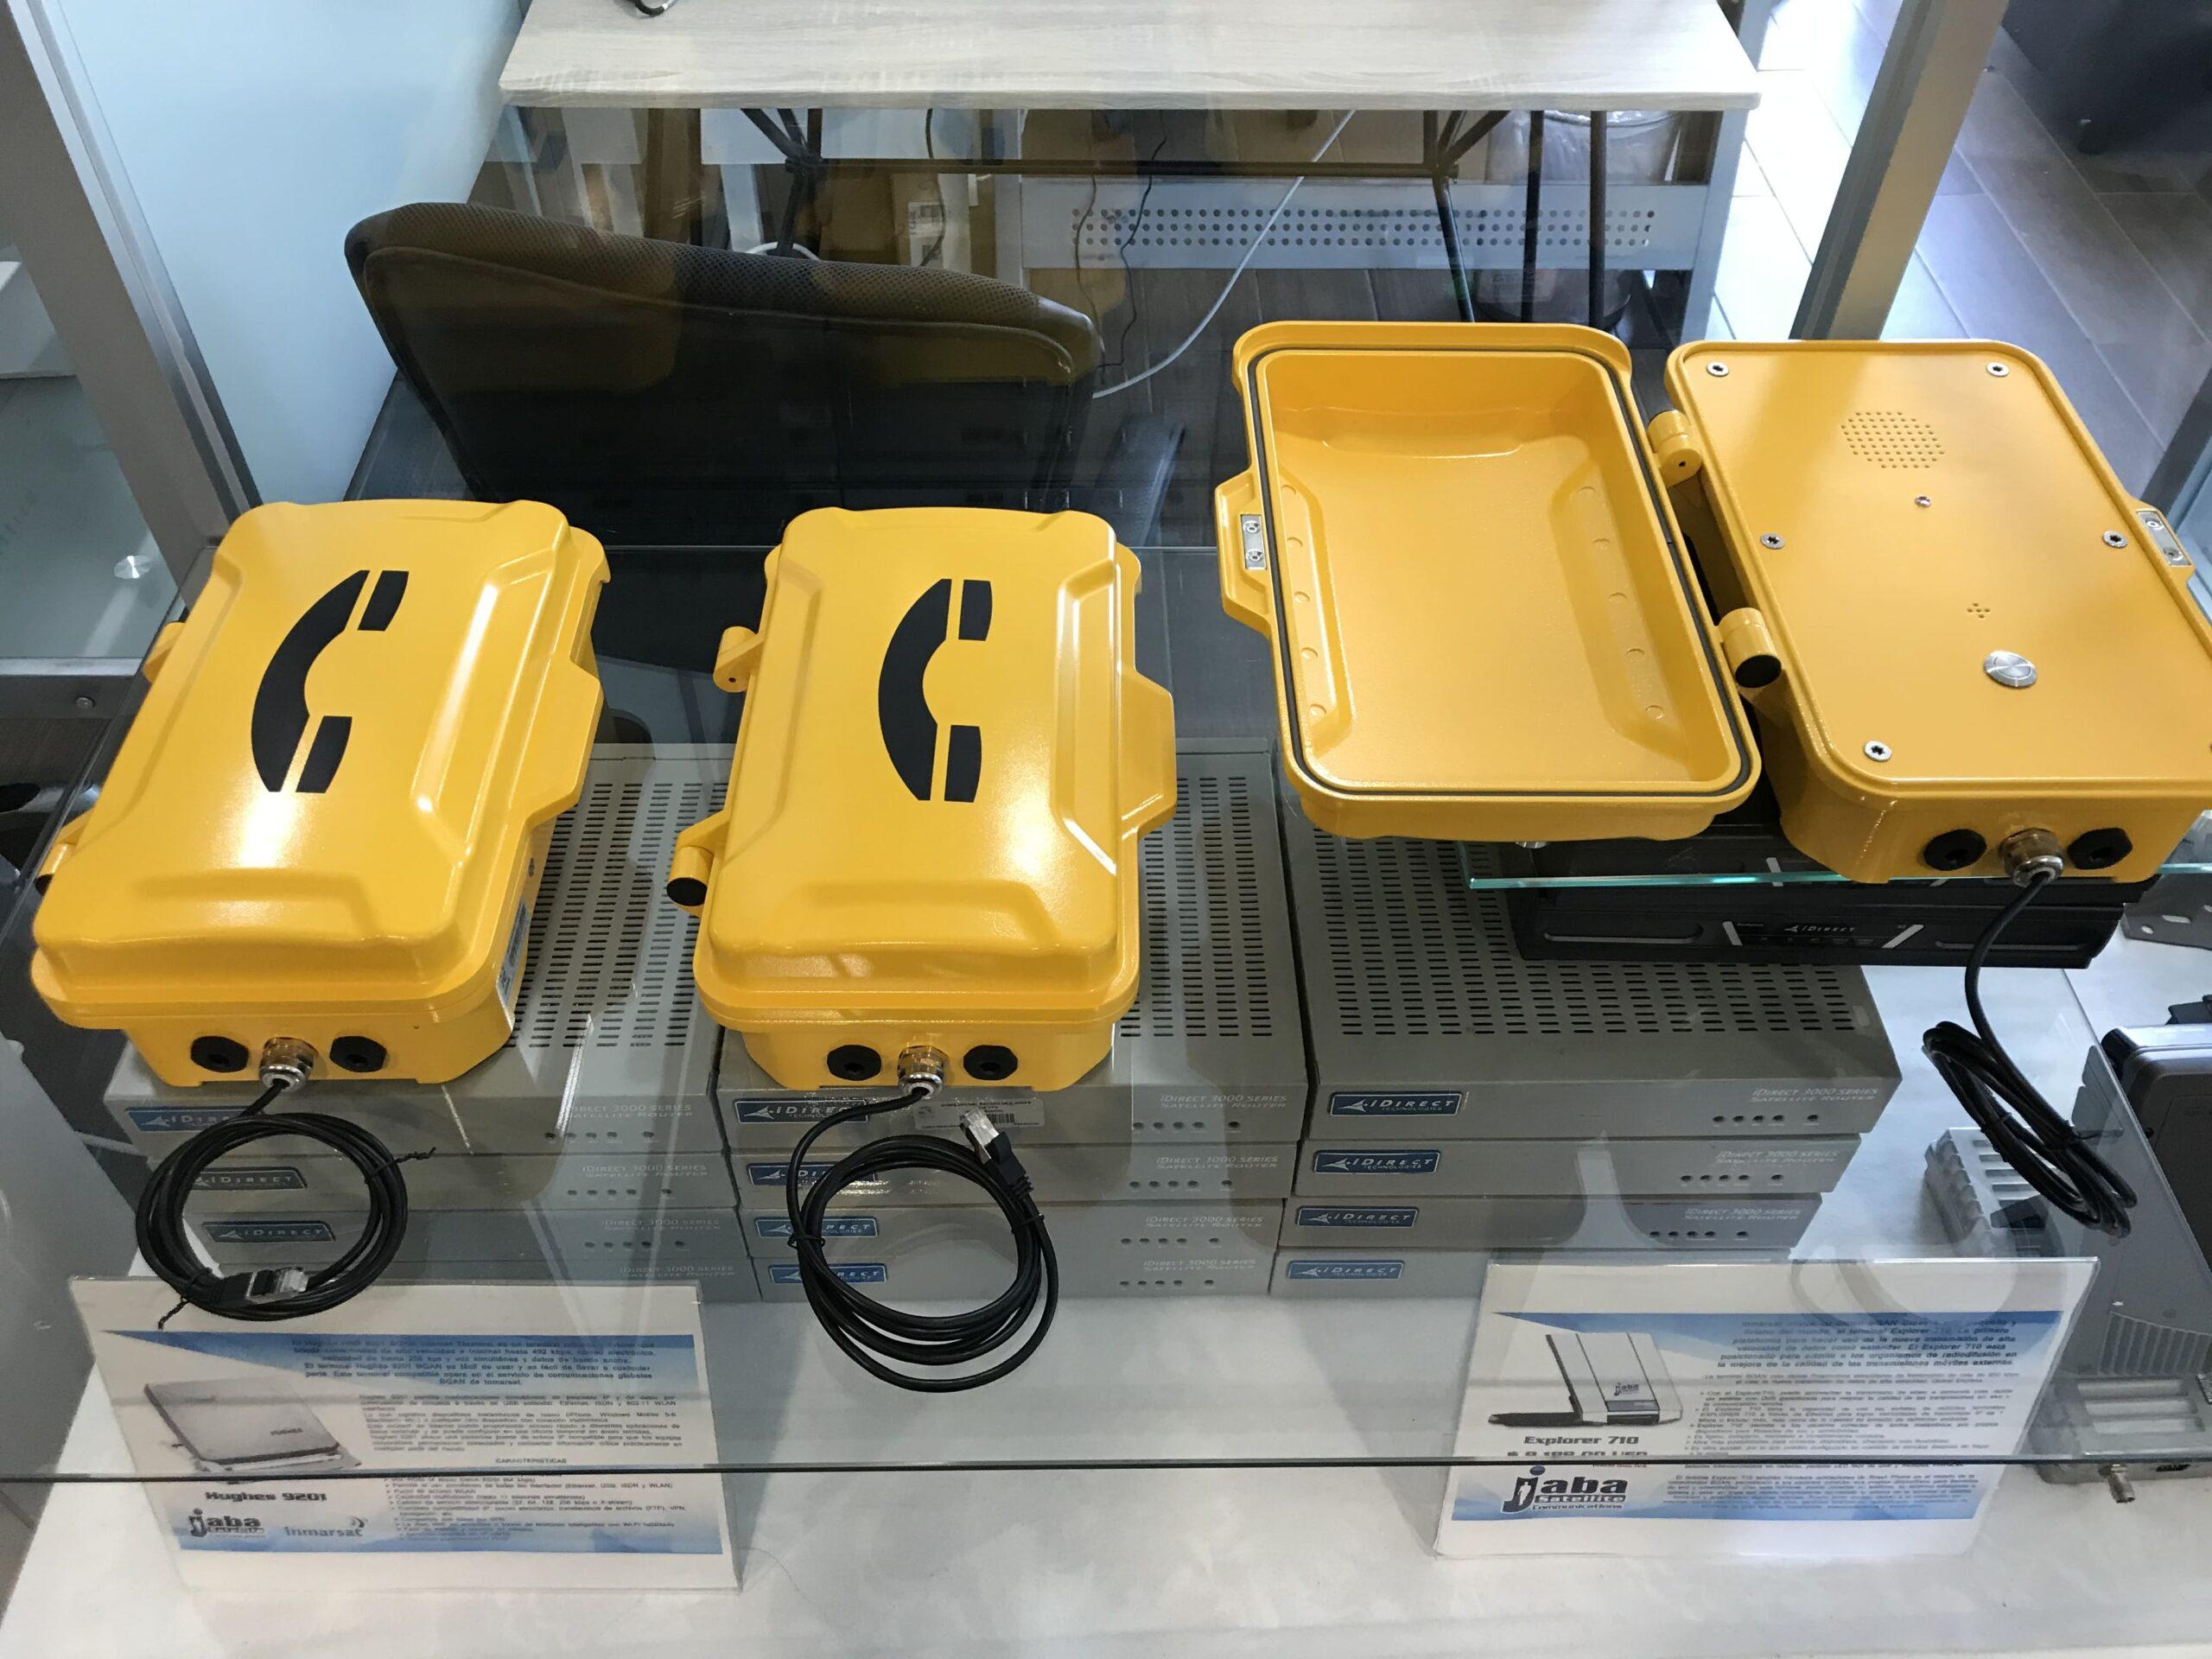 Telefonos Industriales de Emergencia